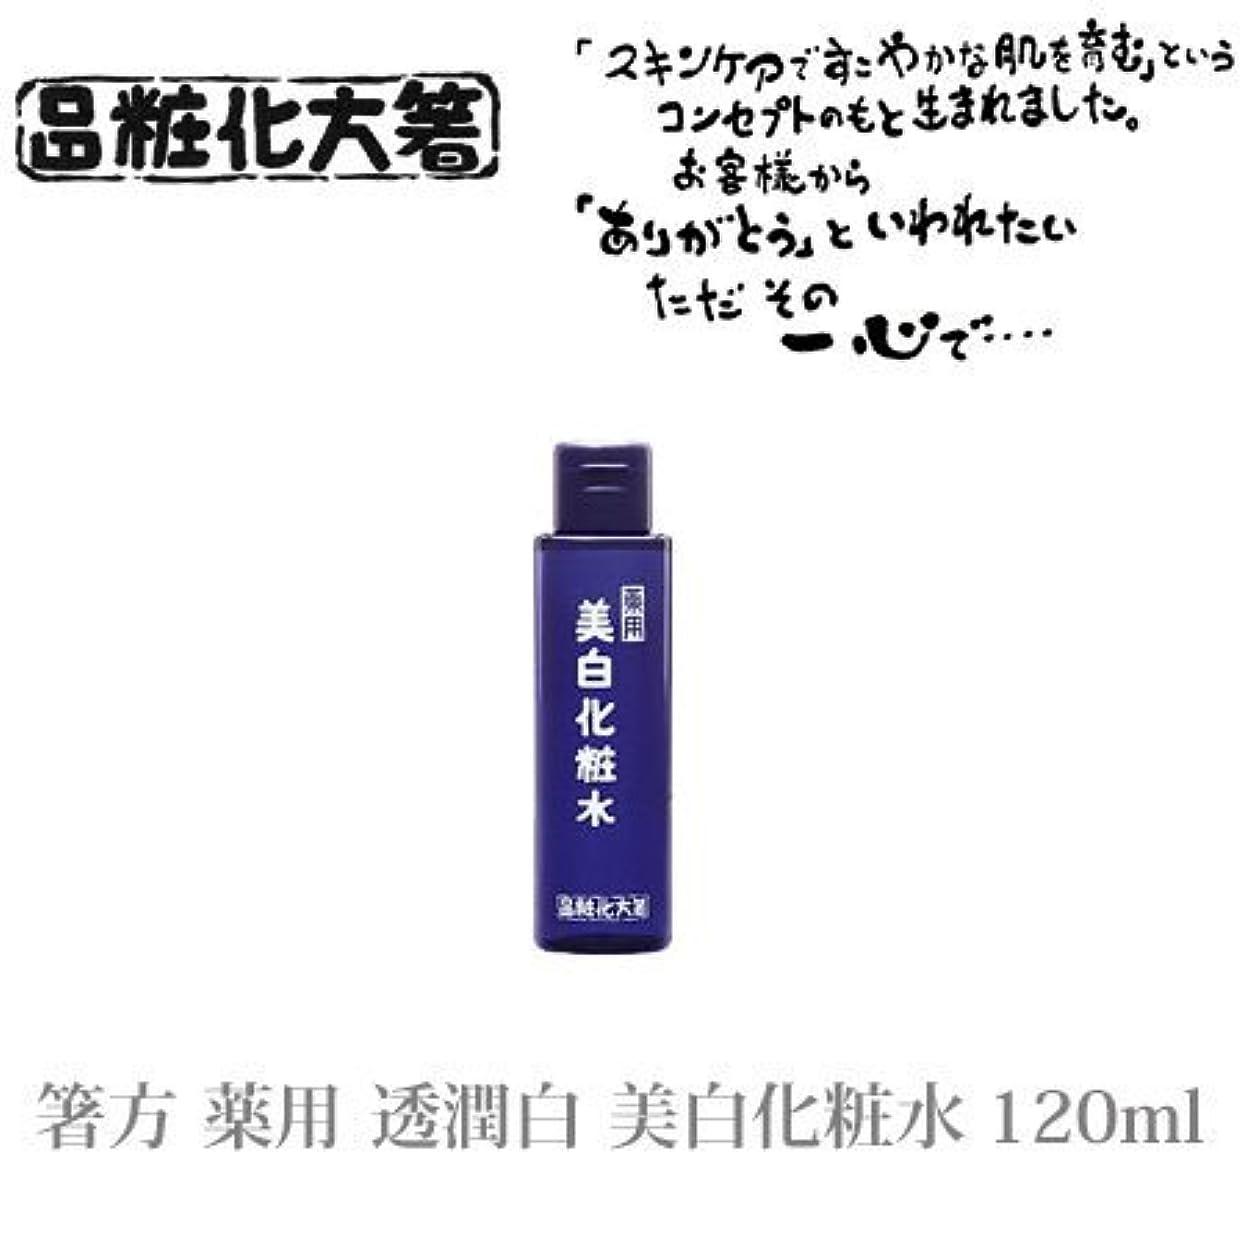 ディベート硫黄地雷原箸方化粧品 薬用 透潤白 美白化粧水 120ml はしかた化粧品